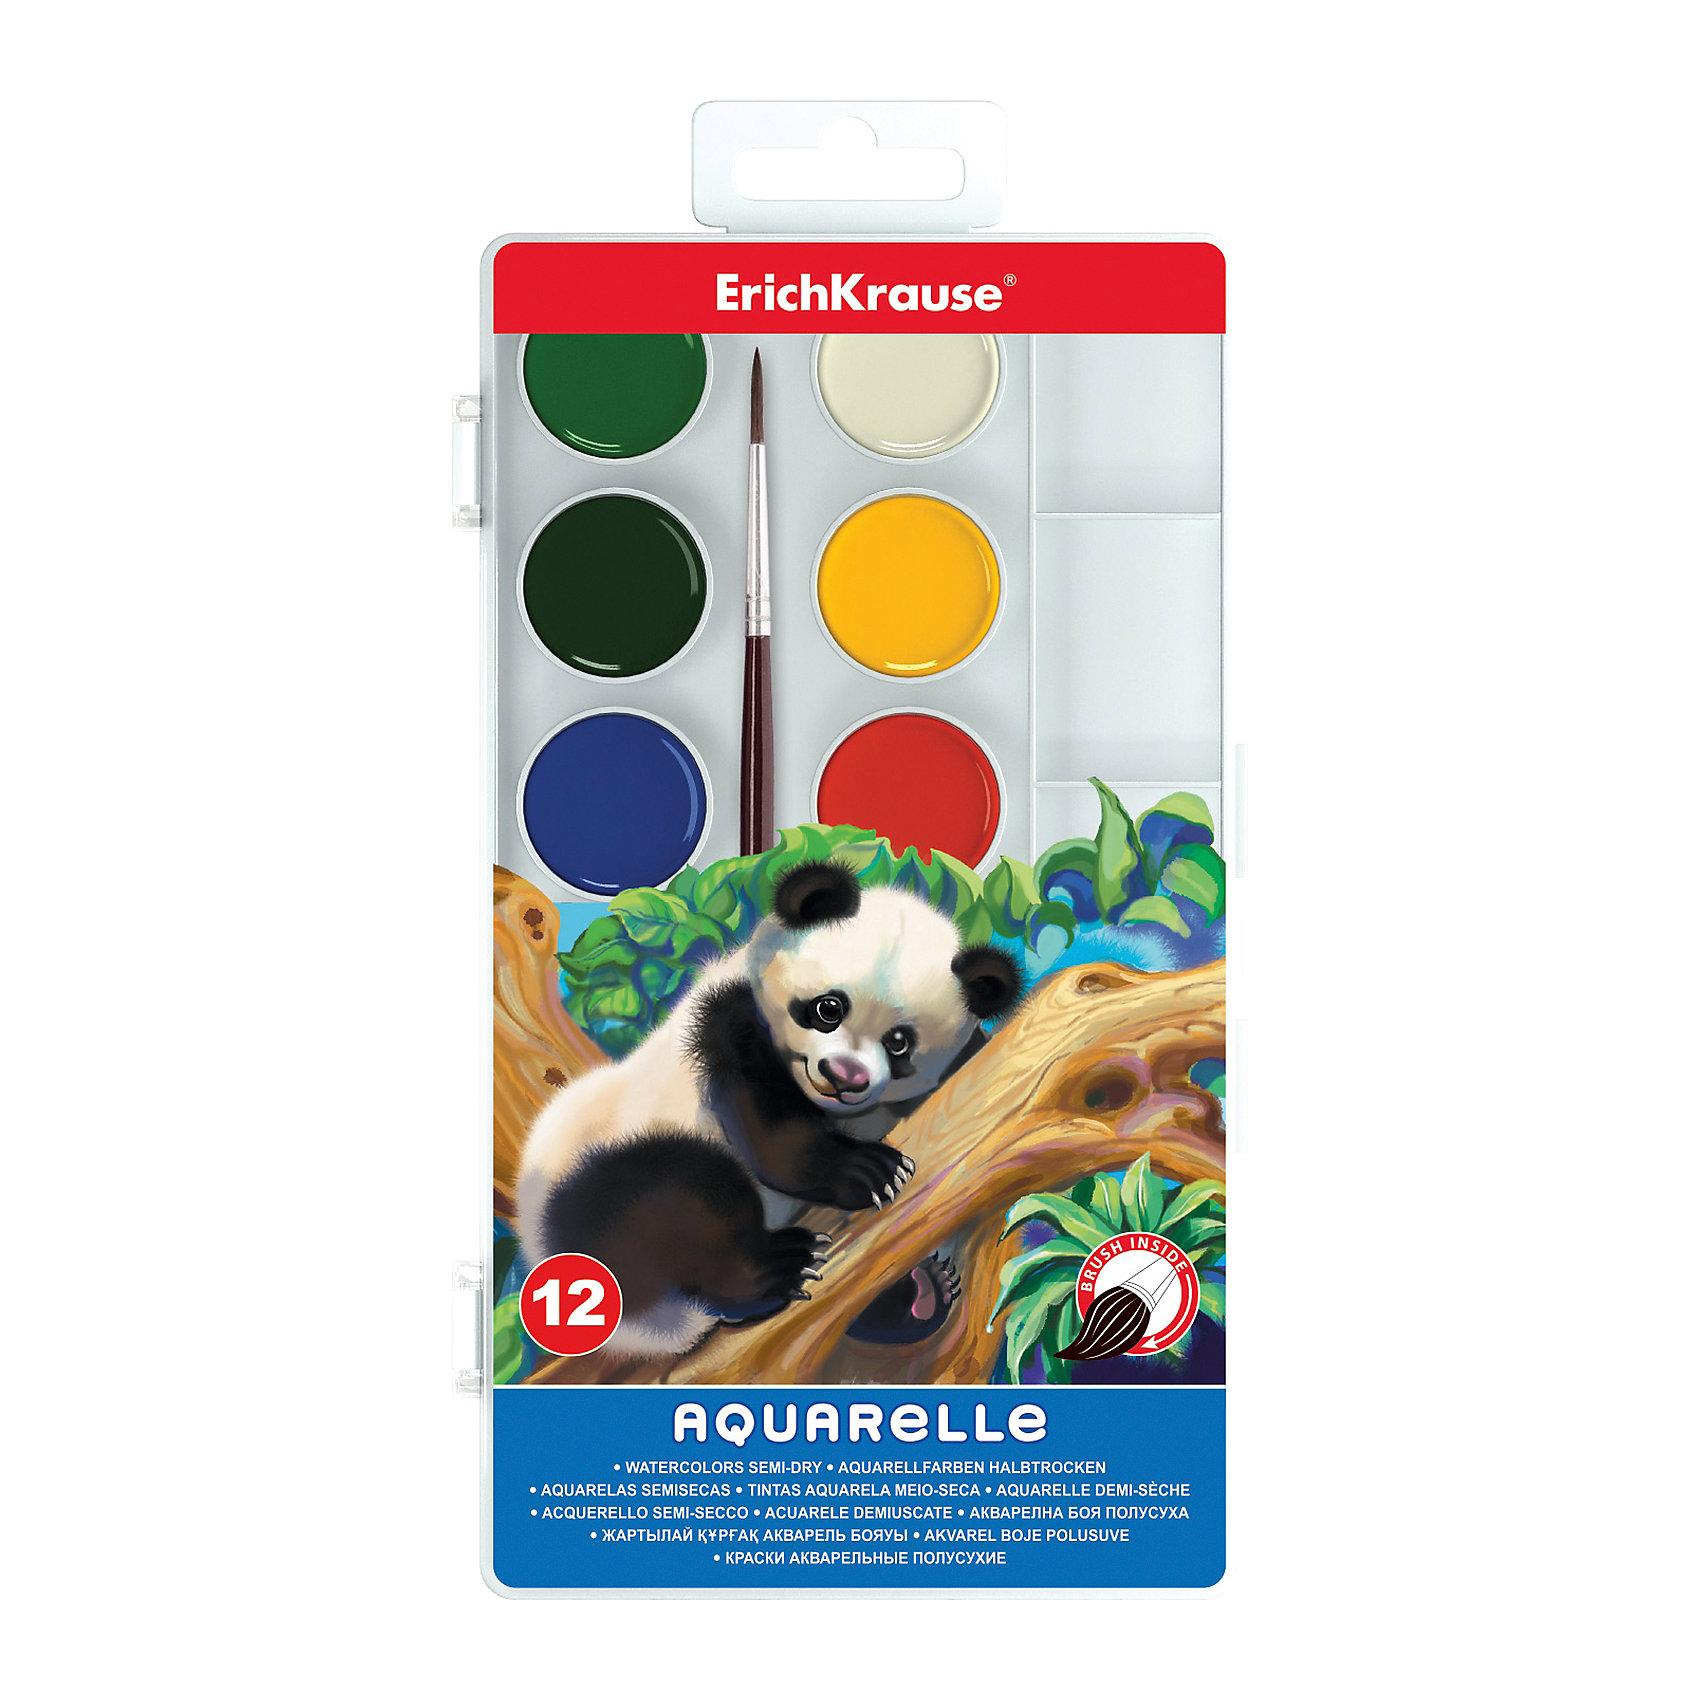 Медовая акварель с палитрой, 12 цветовМедовая акварель, Erich Krause (Эрих Краузе), хорошо подойдет как для школьных занятий так и для детского творчества в свободное время. В наборе 12 акварельных медовых красок, упакованных в пластиковую коробочку с изображением очаровательного мишки панды. Краски легко наносится и хорошо смешиваются между собой, при нанесении создают прозрачный цветной слой, быстро сохнут, не крошатся и не смазываются. В комплект также входит кисточка и палитра.<br><br>Дополнительная информация:<br><br>- В комплекте: 12 цветов.<br>- Размер упаковки: 20 х 10 х 1,2 см.<br>- Вес: 110 гр.<br><br>Медовую акварель с палитрой, 12 цветов, Erich Krause (Эрих Краузе), можно купить в нашем интернет-магазине.<br><br>Ширина мм: 200<br>Глубина мм: 100<br>Высота мм: 12<br>Вес г: 110<br>Возраст от месяцев: 36<br>Возраст до месяцев: 144<br>Пол: Унисекс<br>Возраст: Детский<br>SKU: 4188600